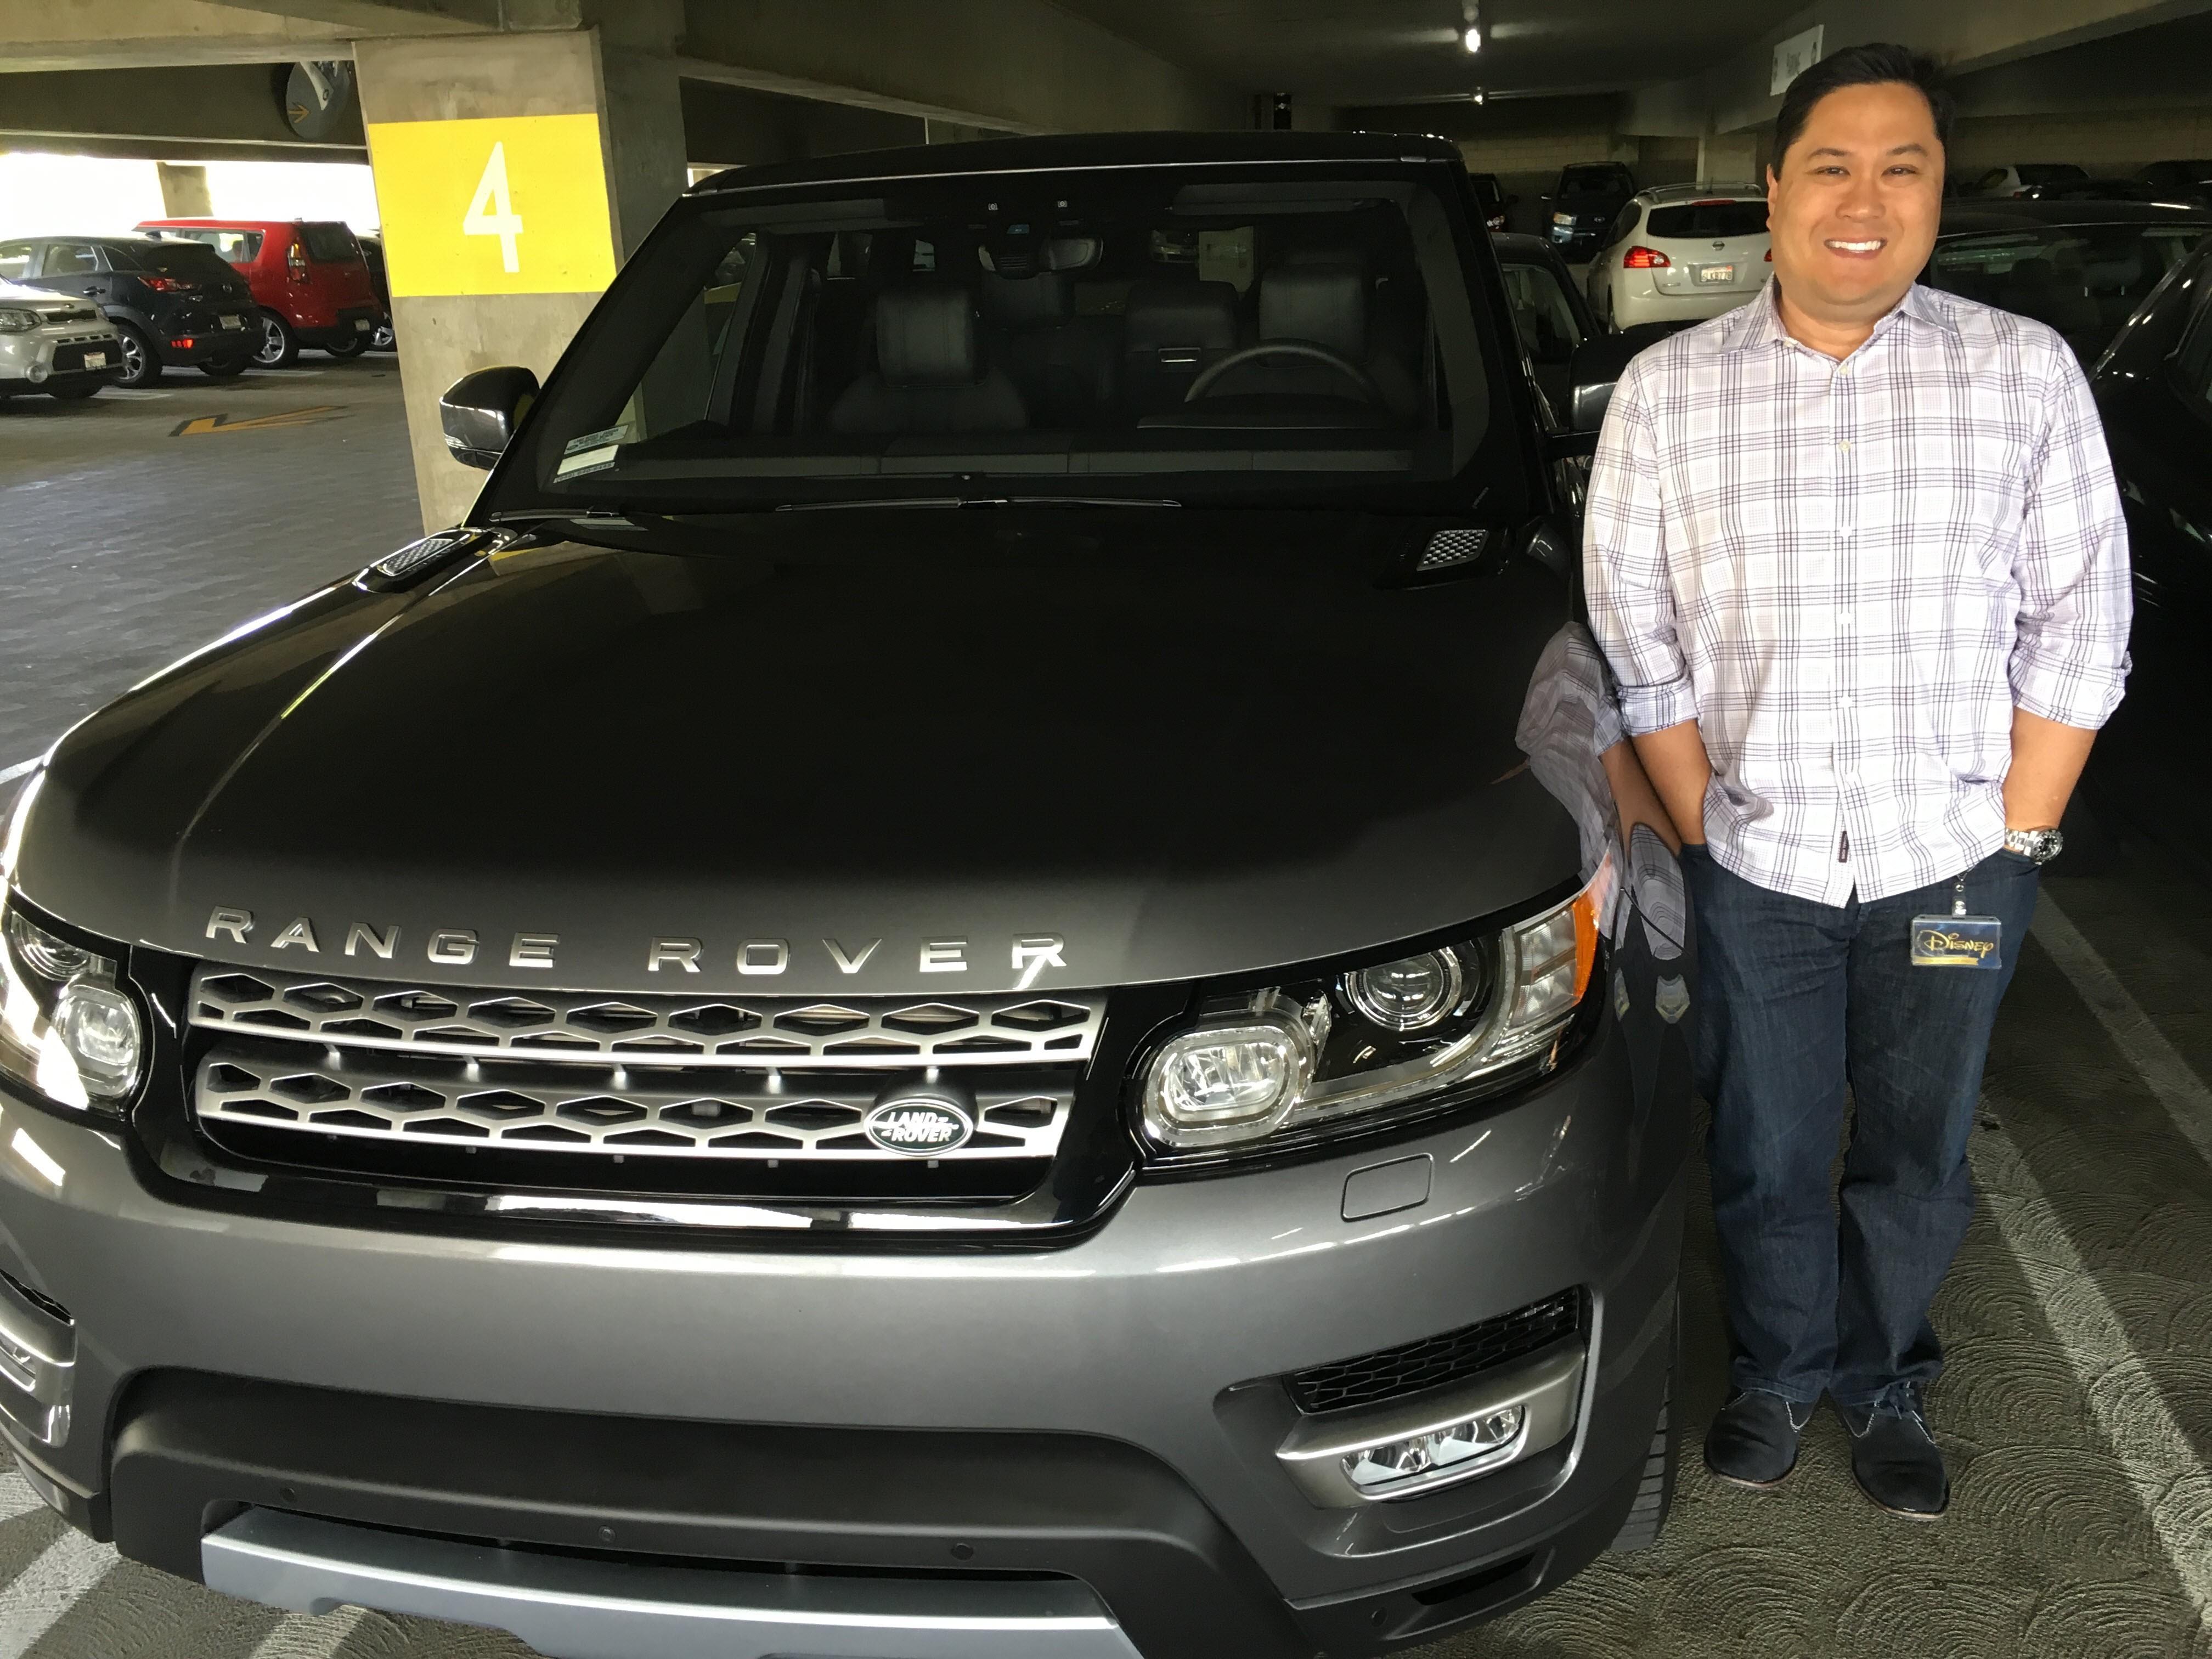 Encore Service Land Rover Mission Viejo